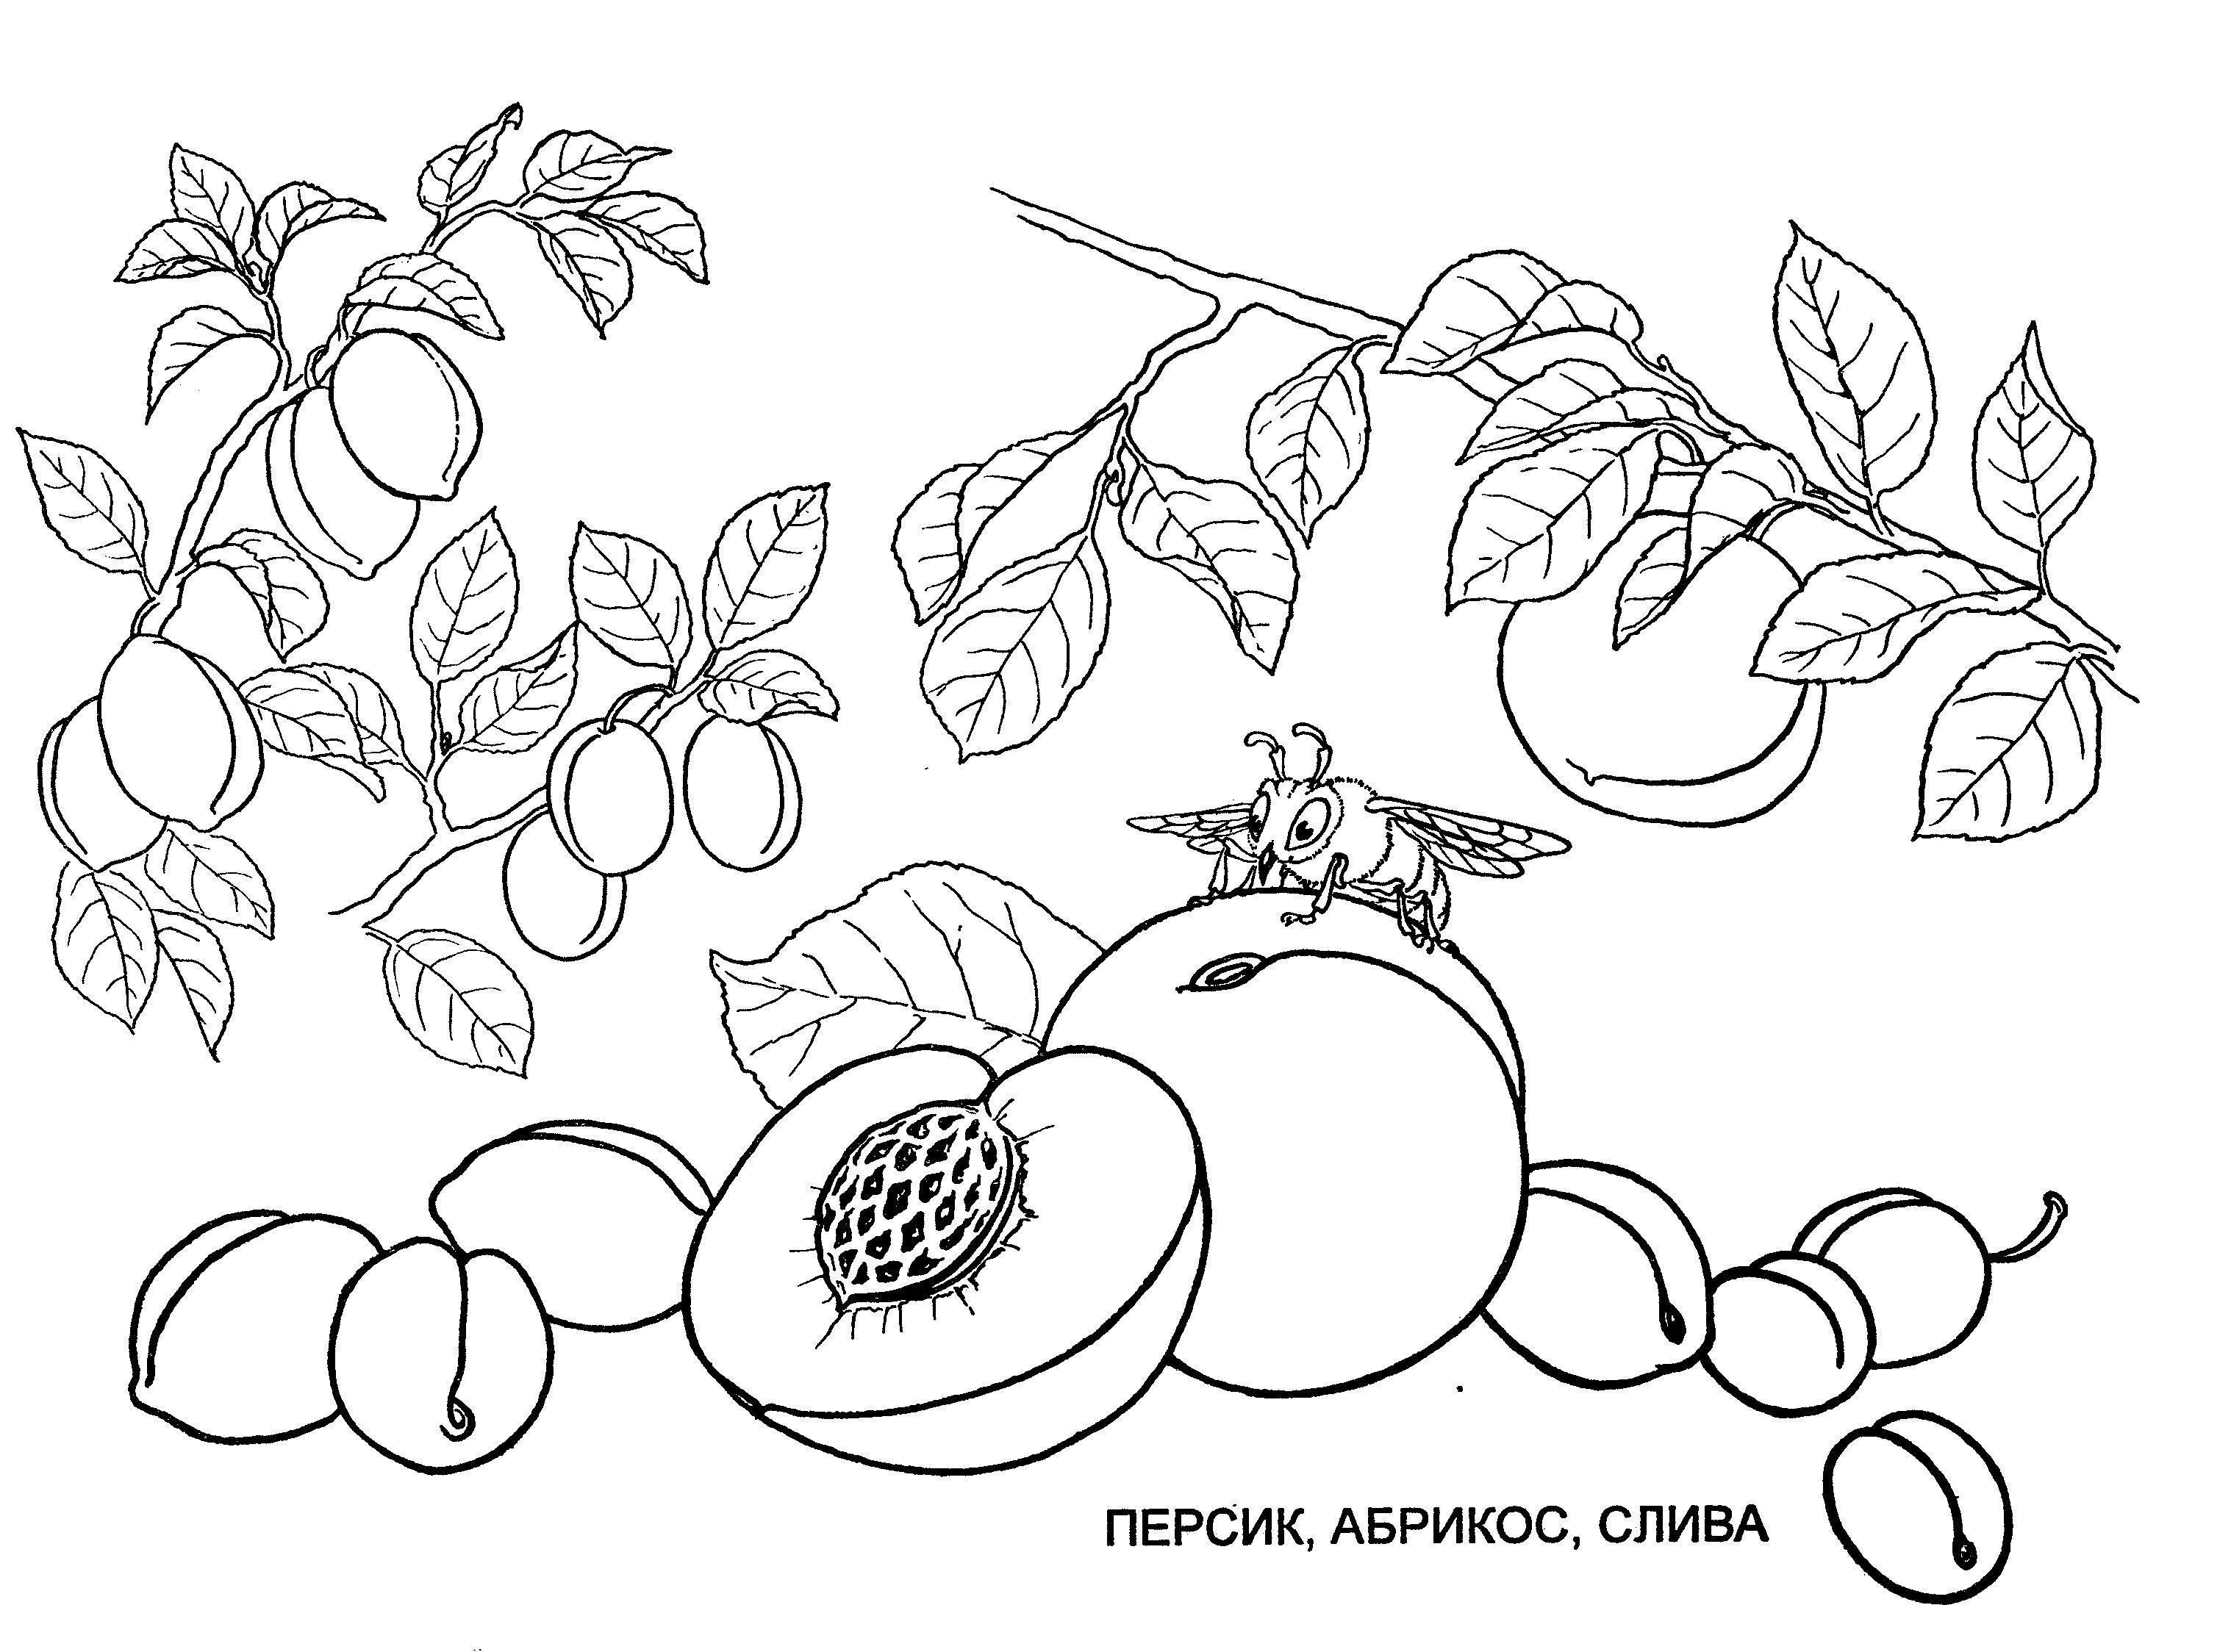 Раскраска персики, абрикос, слива | раскраски , рисунки ягод и ...